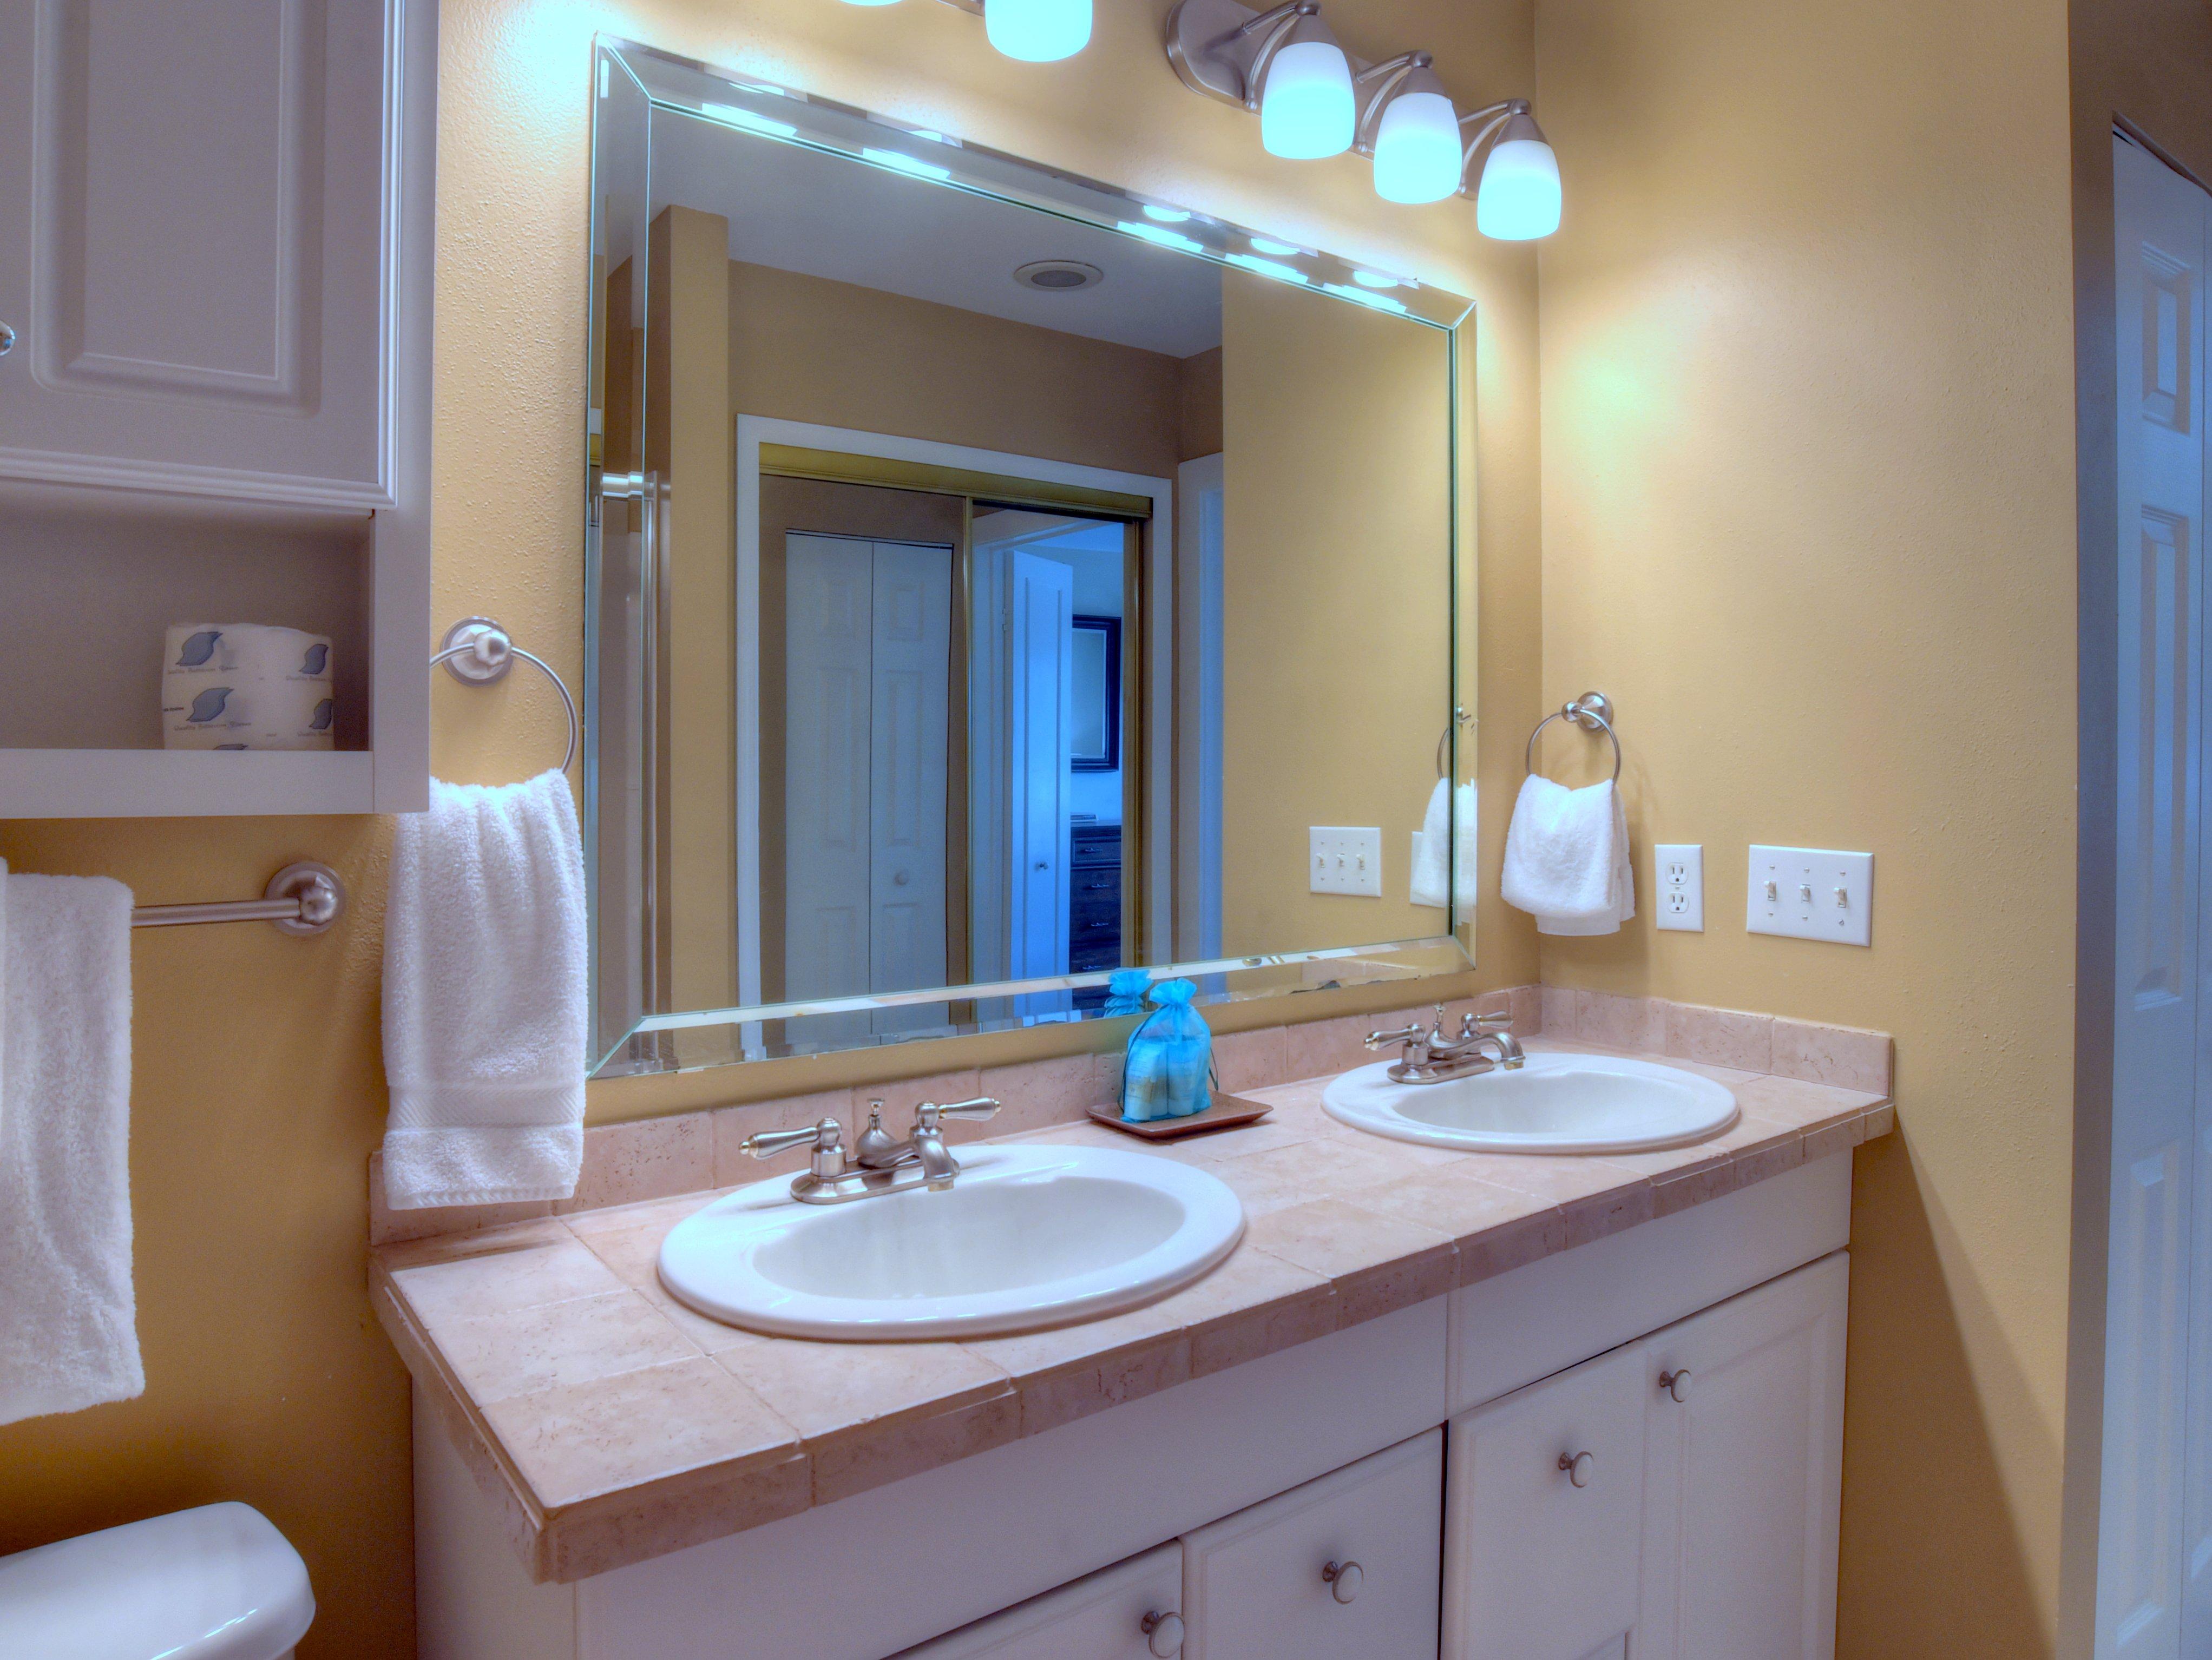 285 Fairways Condo rental in Sandestin Rentals ~ Cottages and Villas  in Destin Florida - #16